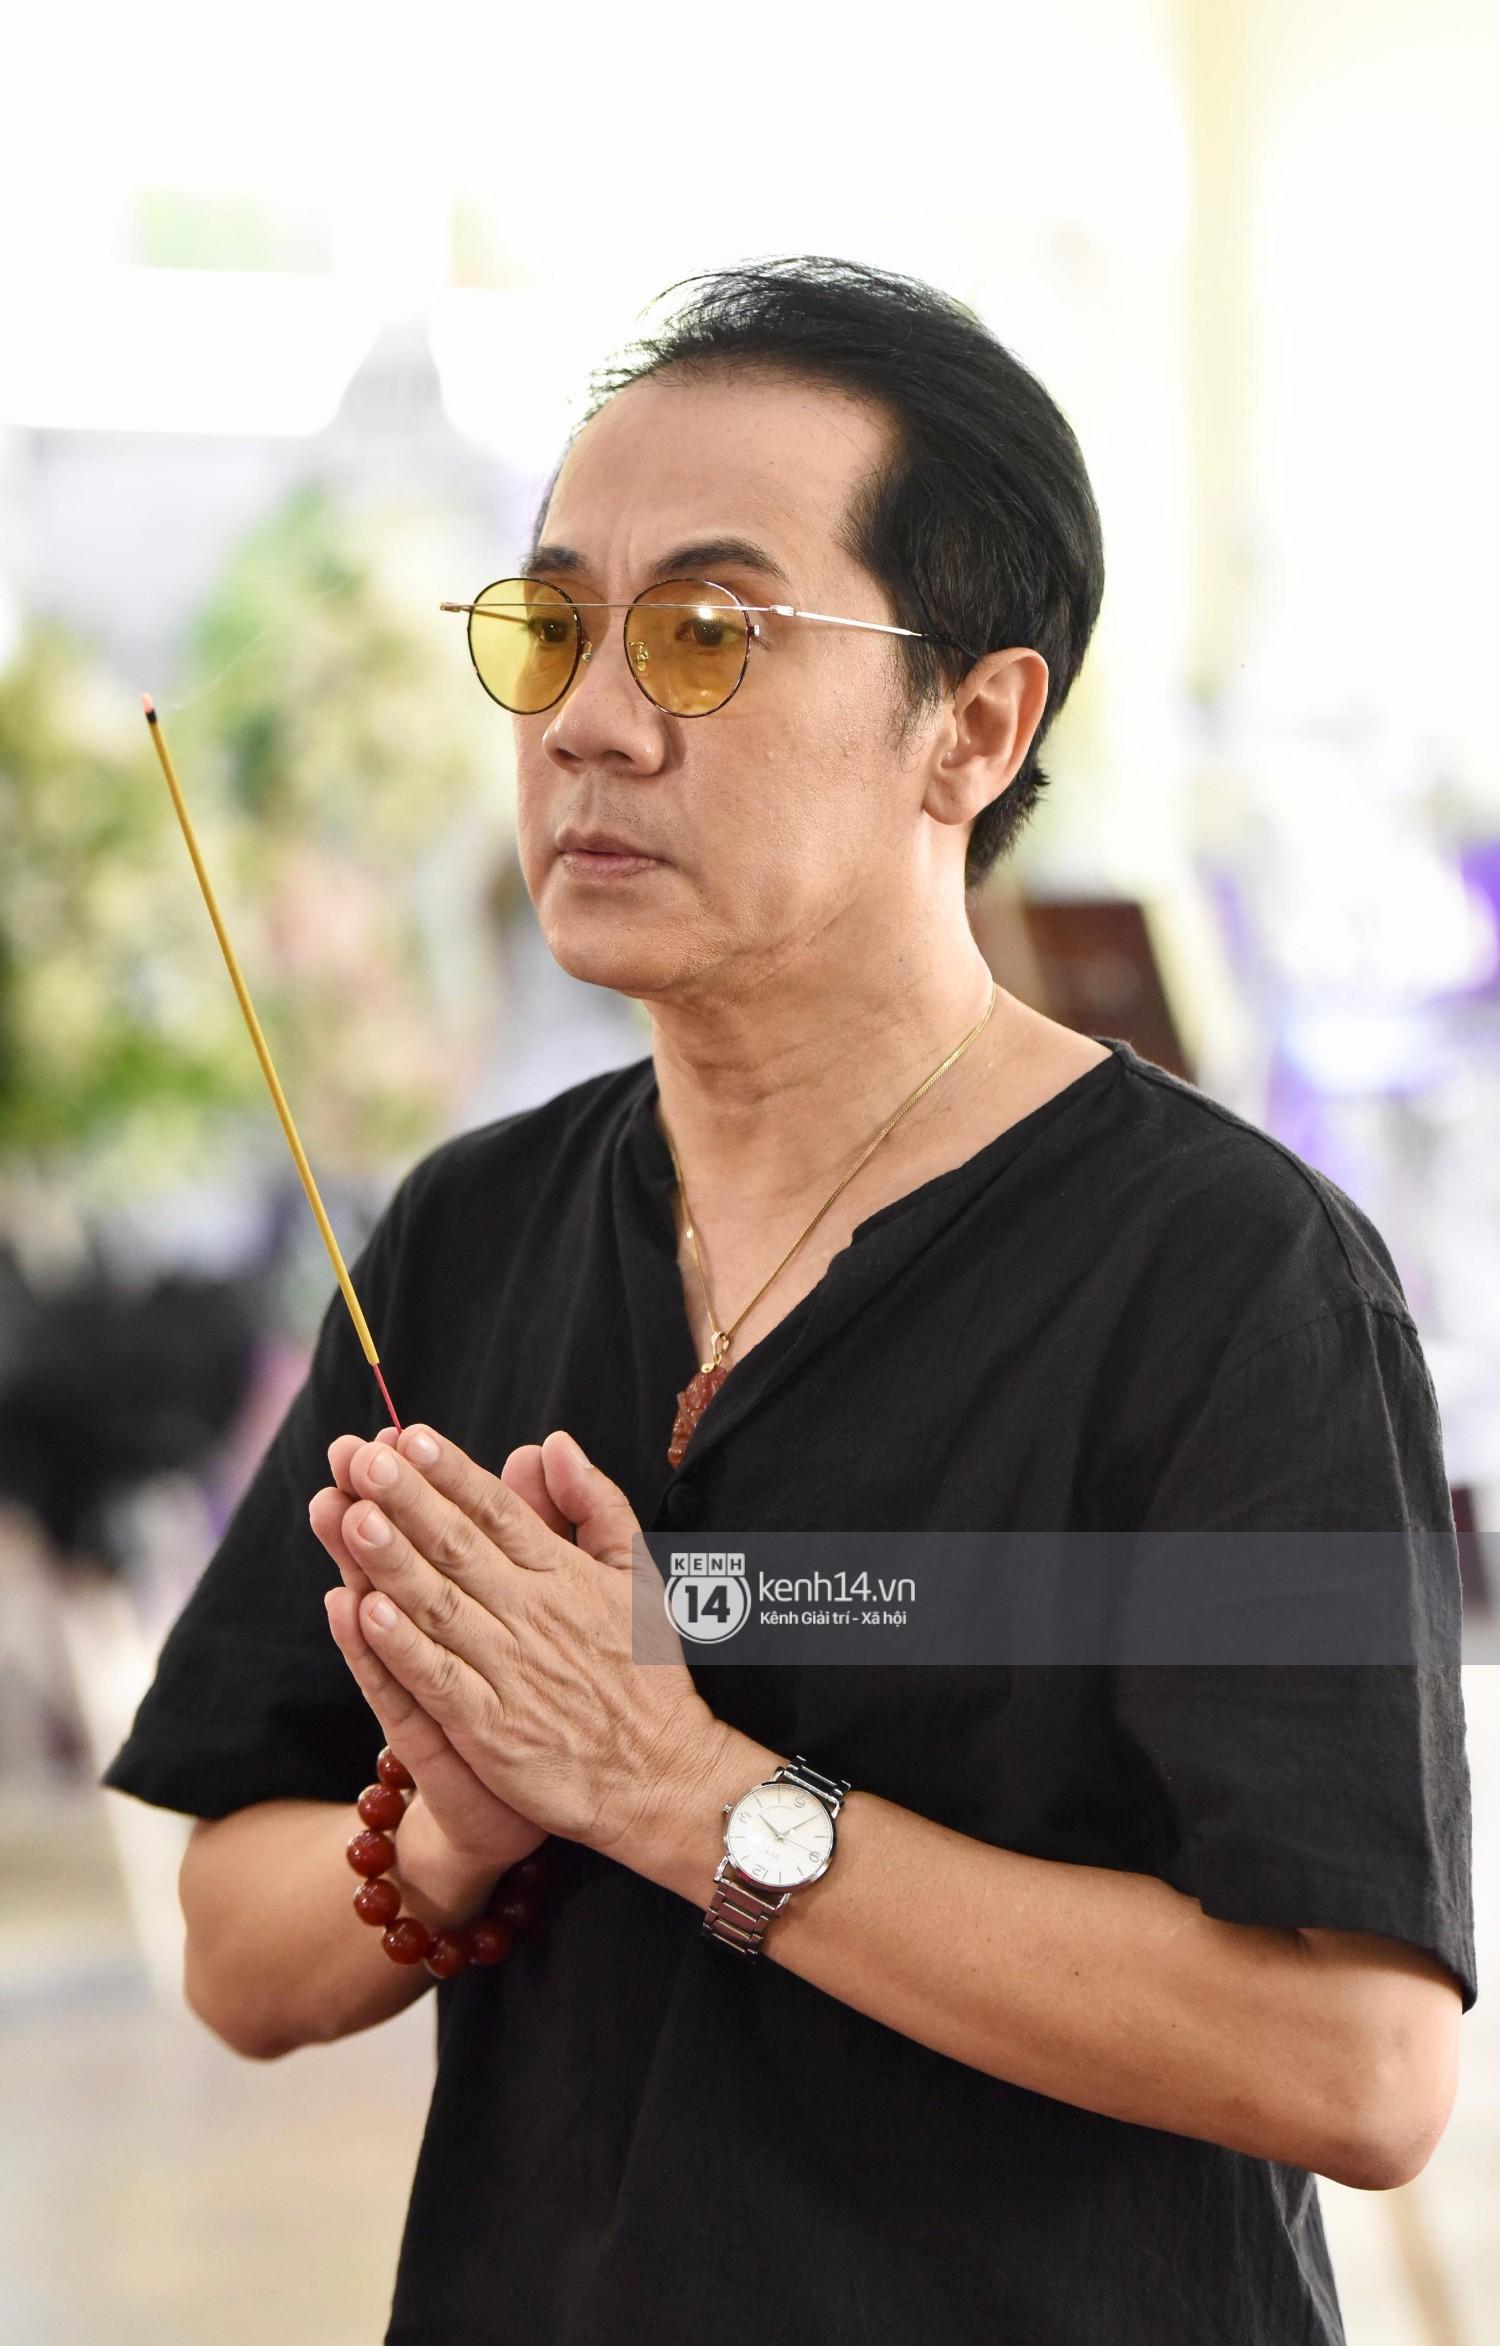 Dàn nghệ sĩ bất chấp mưa lớn tới thắp nhang cho nghệ sĩ Lê Bình trong buổi tối thứ hai tang lễ - Ảnh 11.